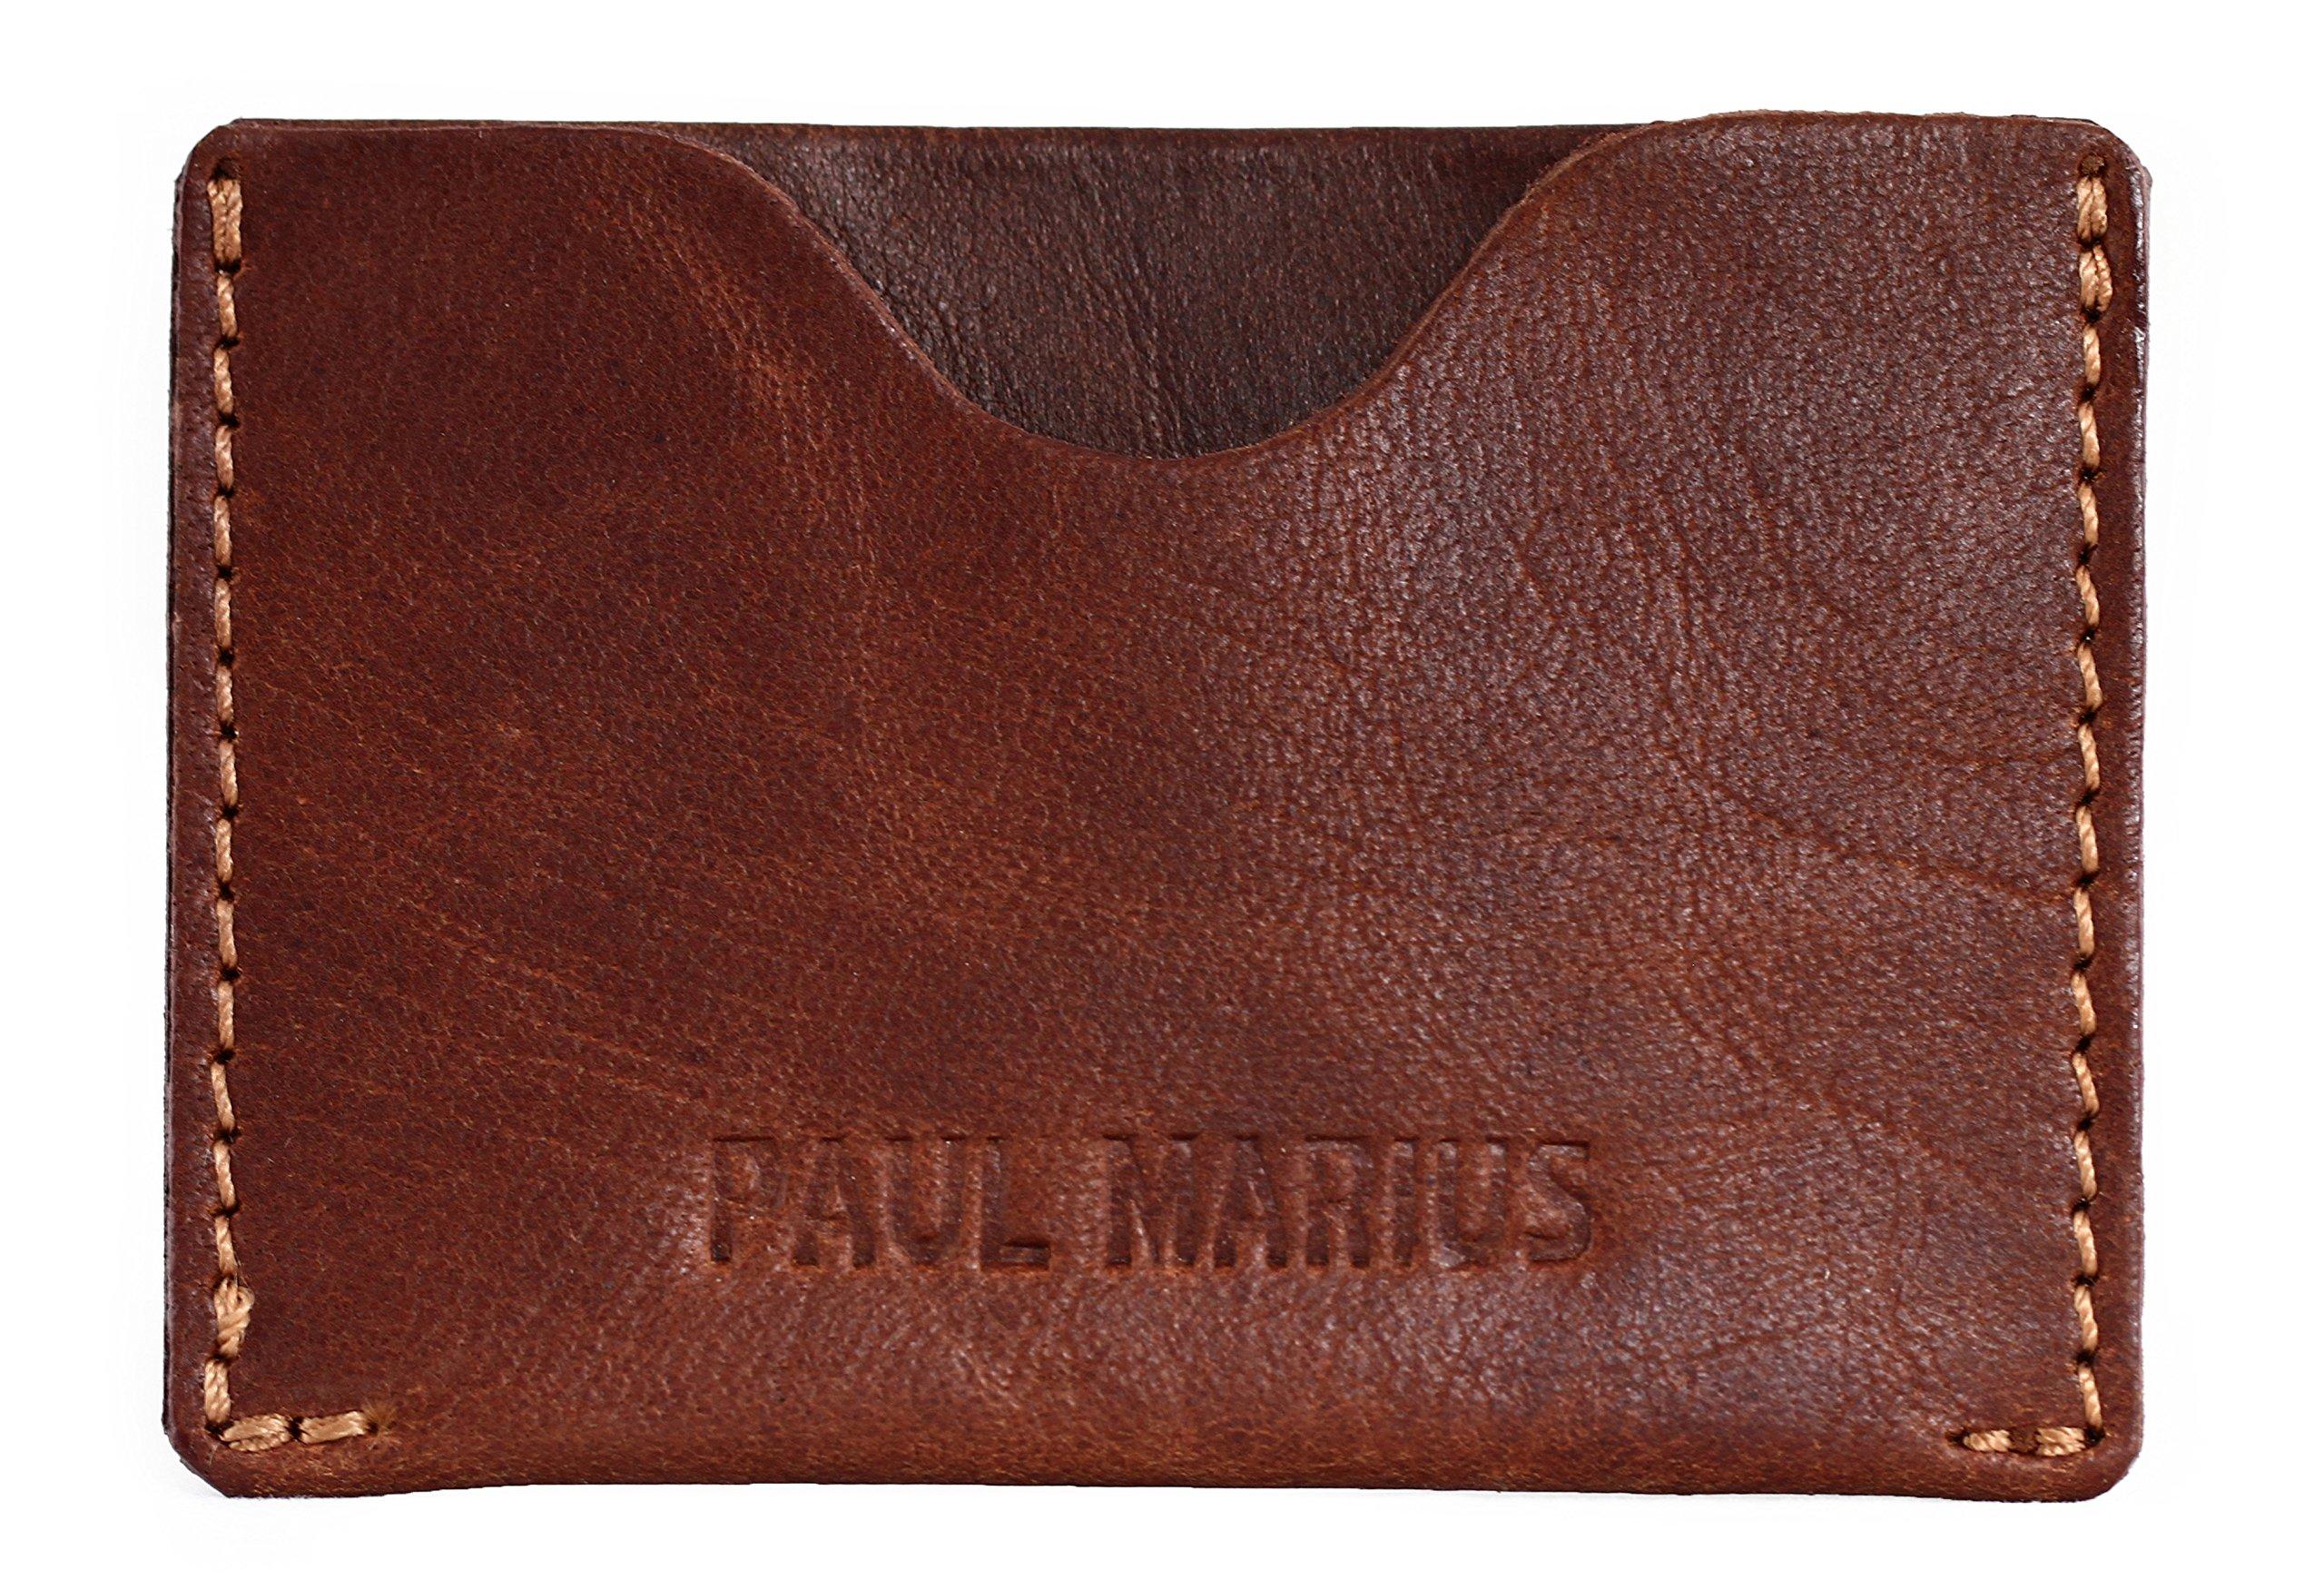 91DIQ0tF3NL - Gabin Tarjetero de Cuero marrón Tarjeta de crédito Tarjeta de fidelidad PAUL MARIUS